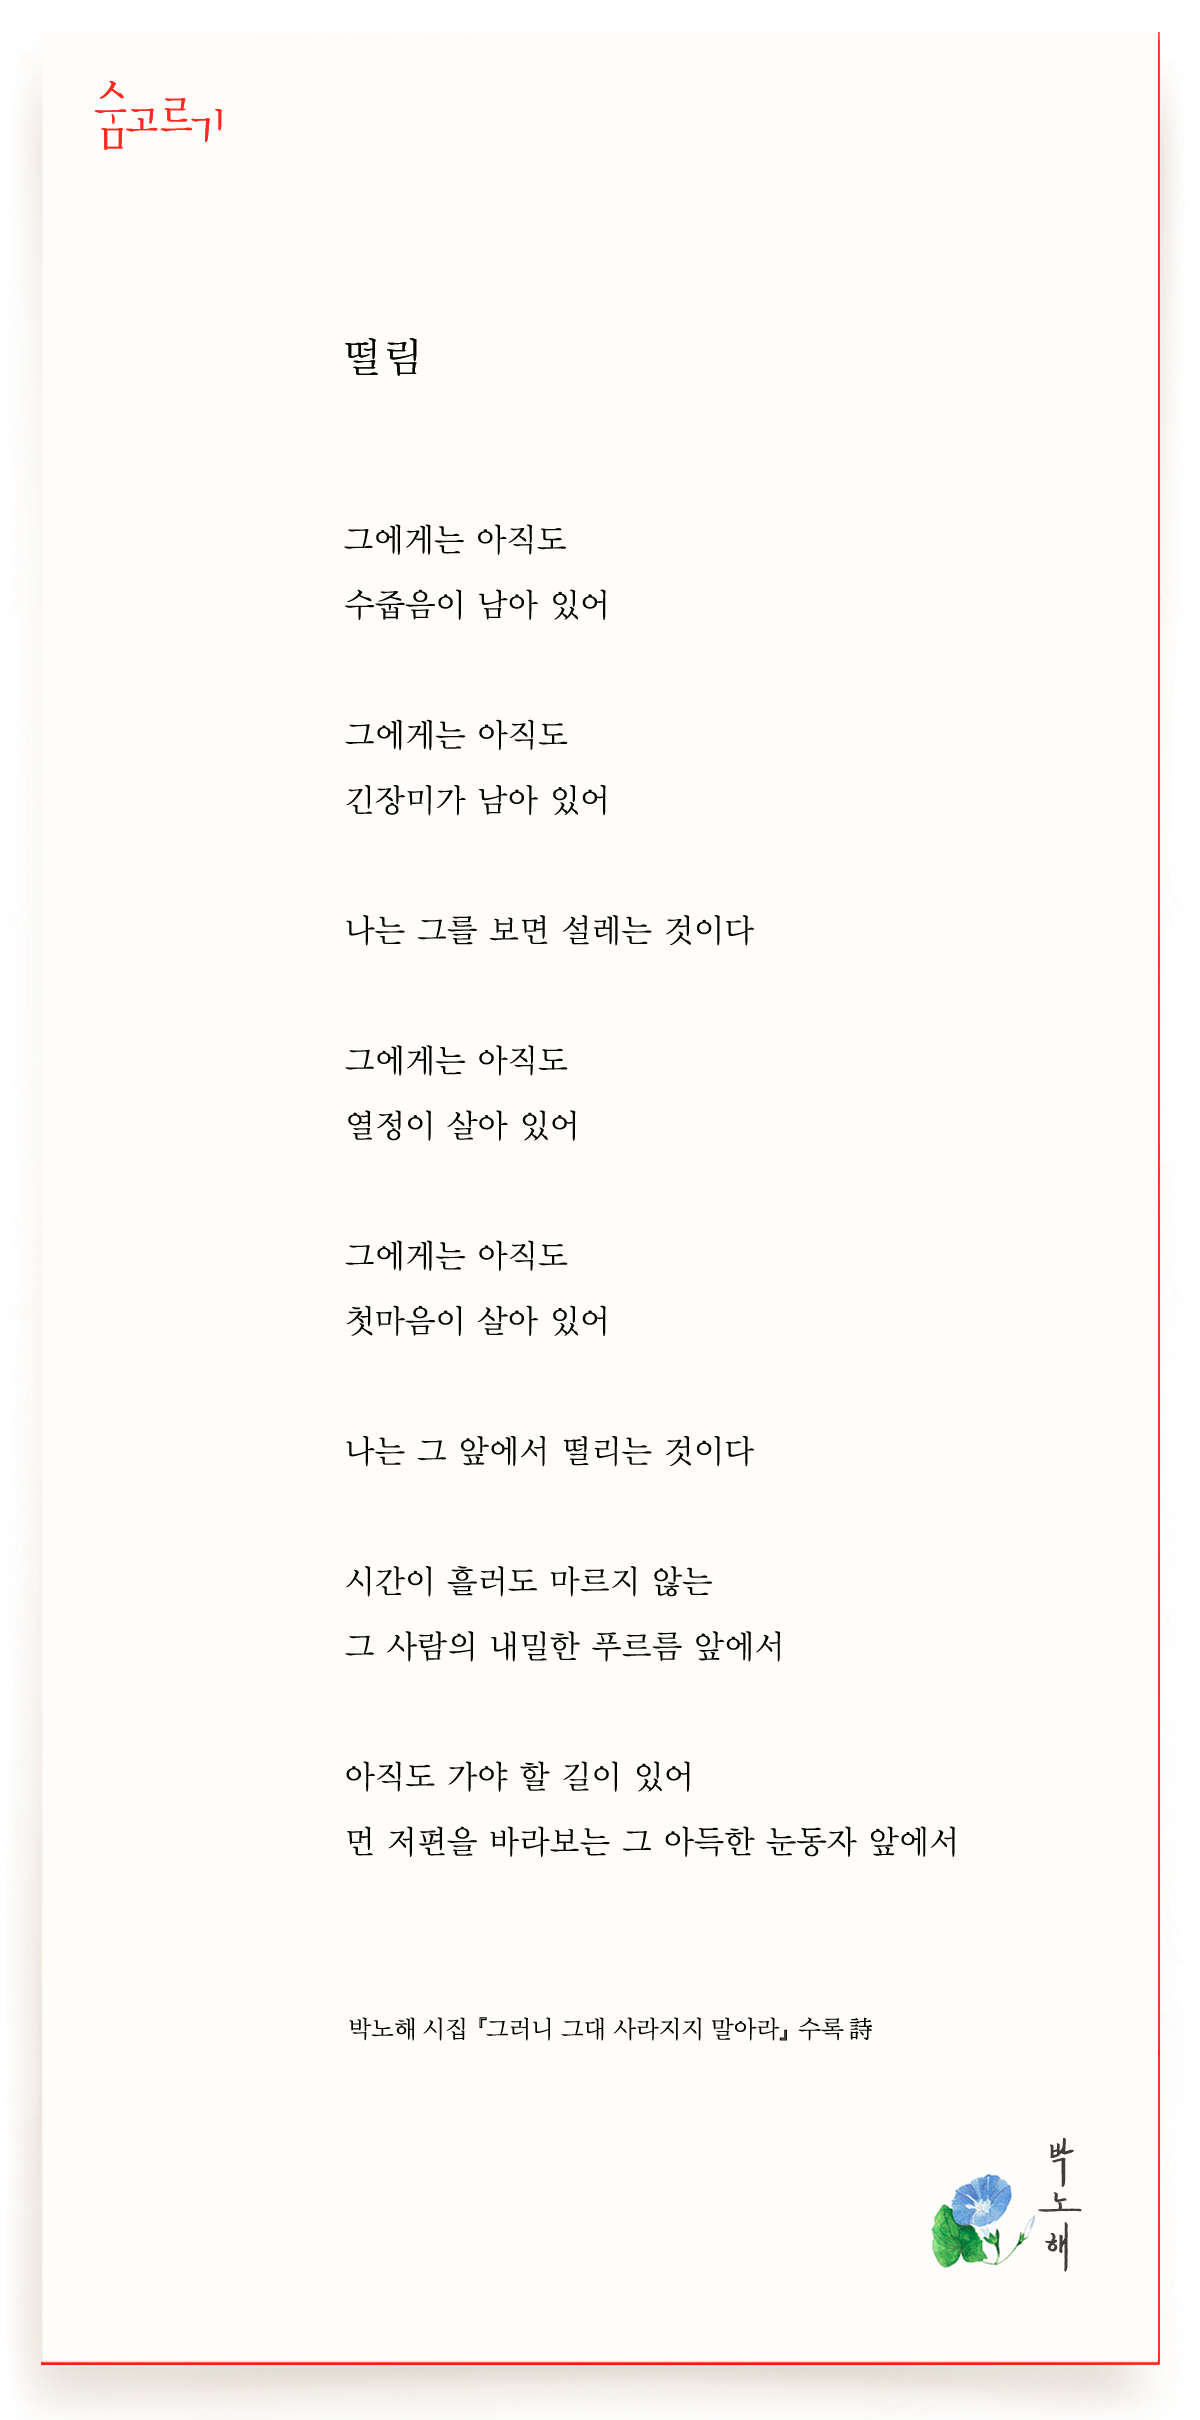 박노해의 숨고르기 떨림